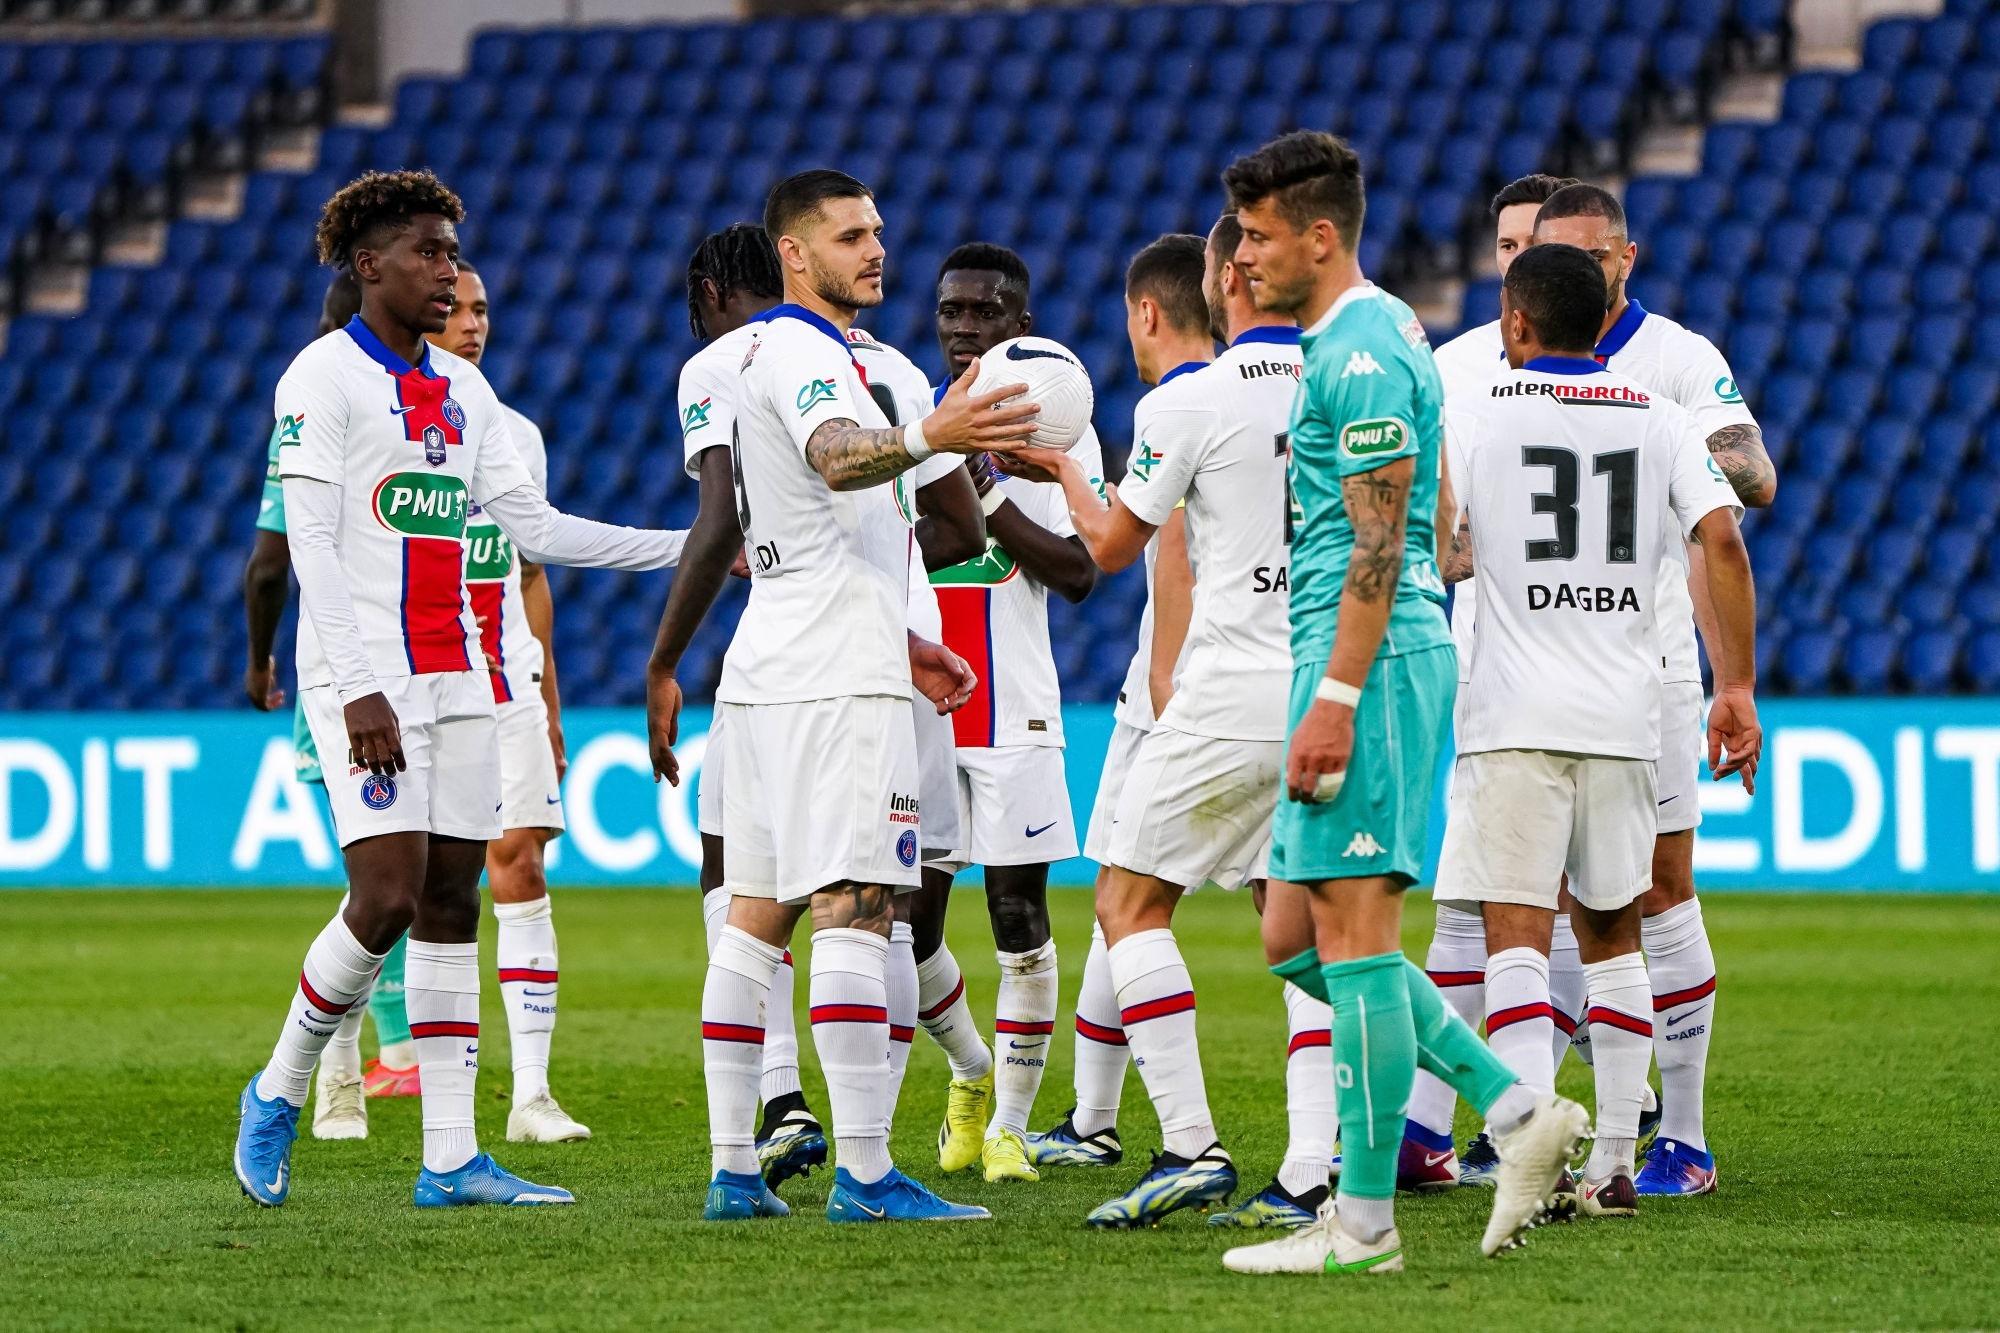 PSG/Angers - Icardi se réjouit de la victoire et de son retour